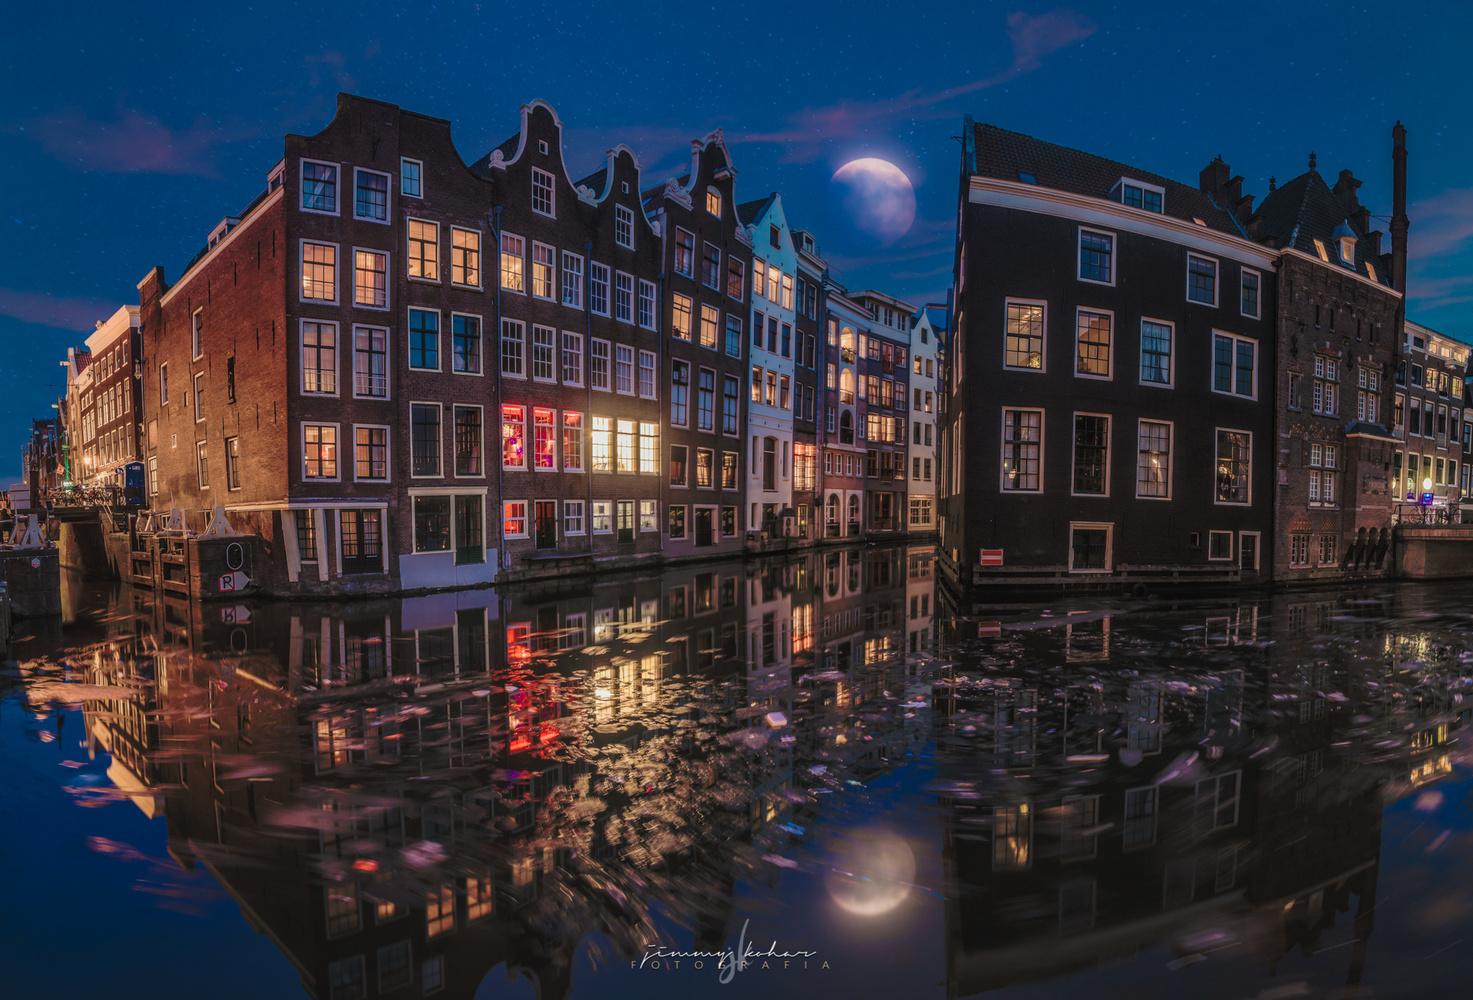 Oudezijds Voorburgwal by Jimmy Kohar